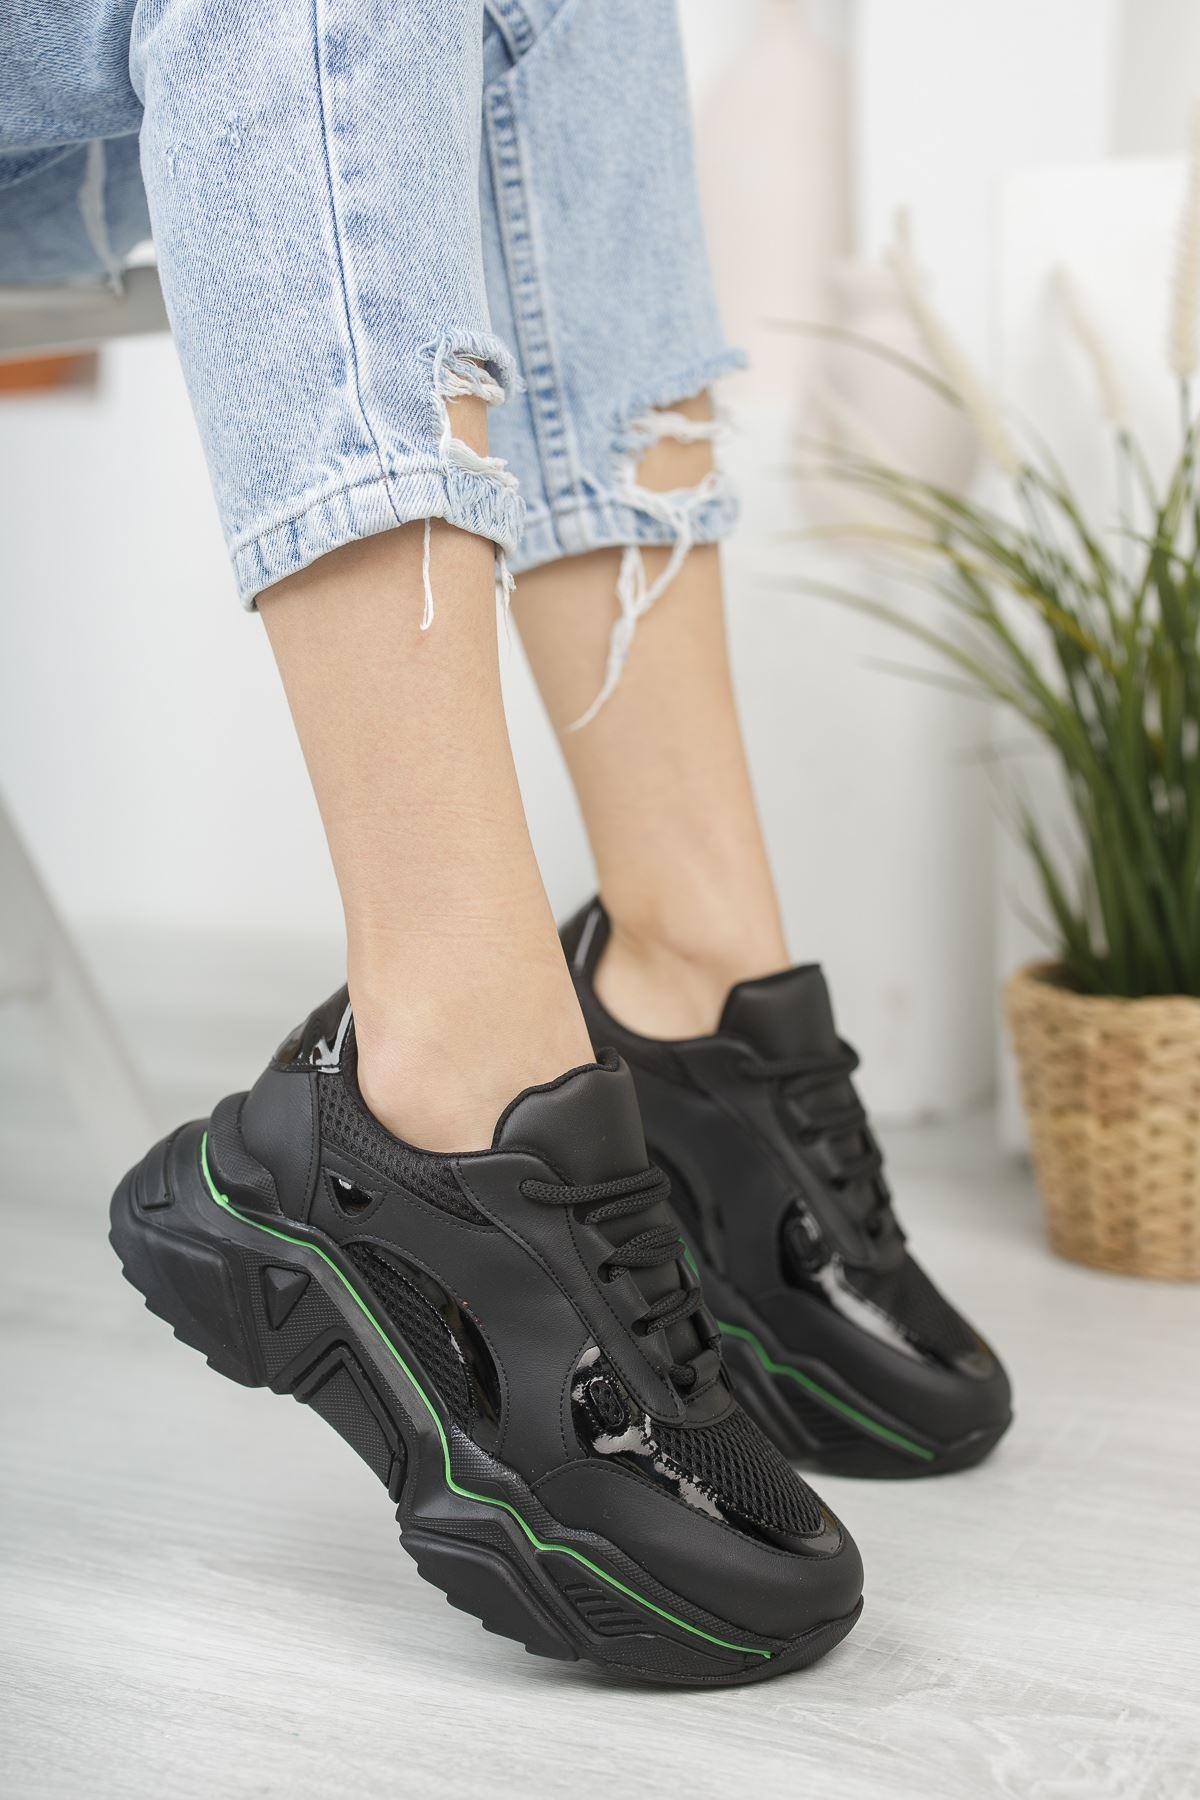 Kadın Raster Kalın Taban Siyah Spor Ayakkabı